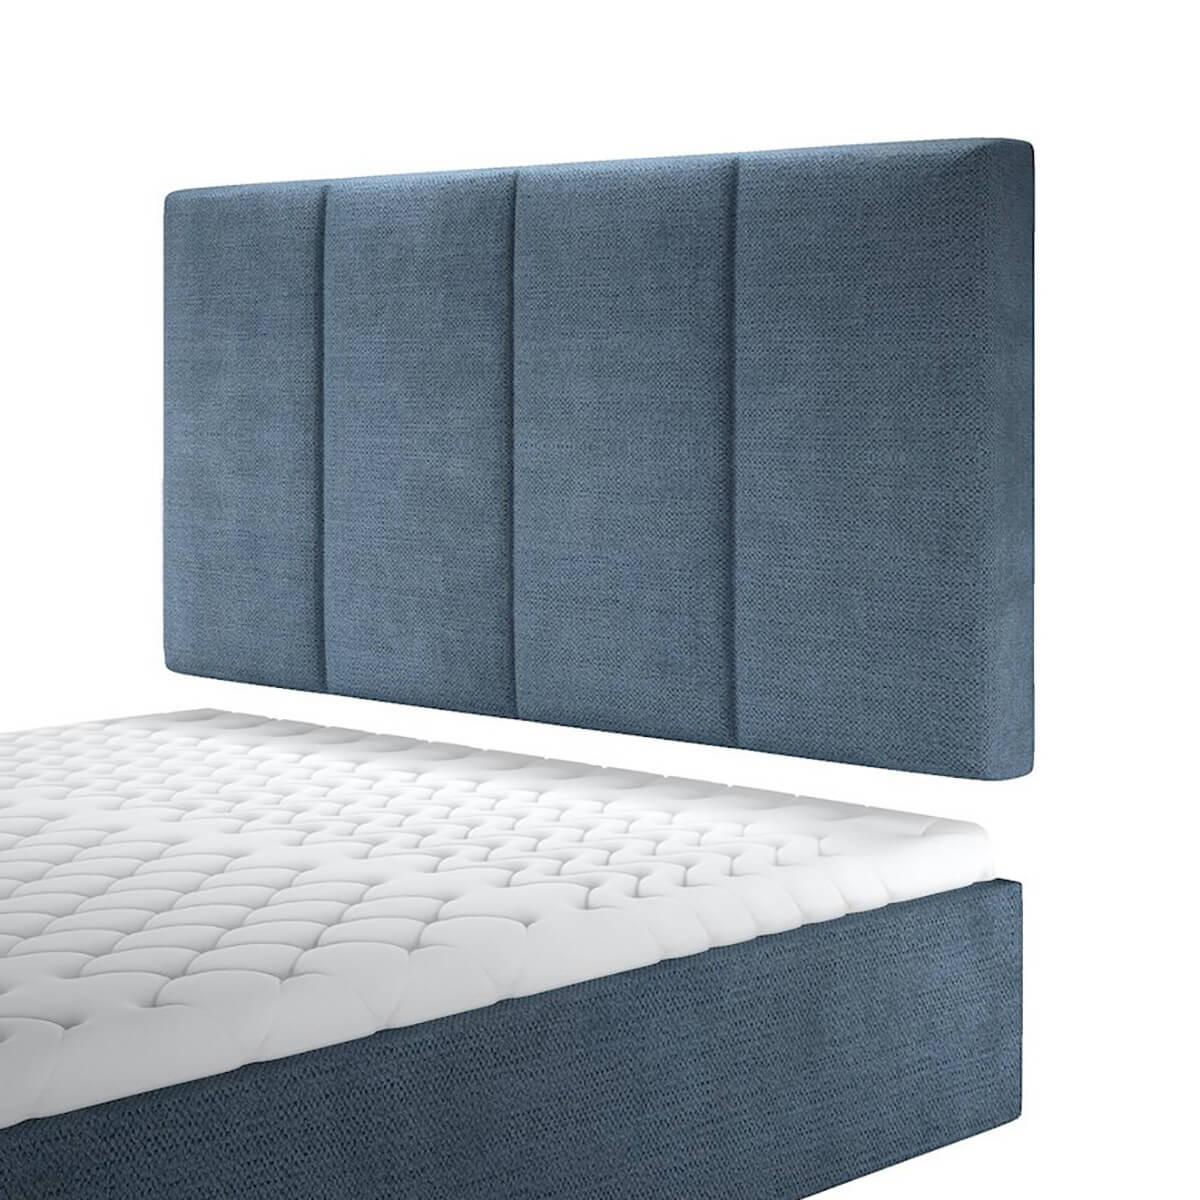 Стенен панел за тапицирано легло, модел ZPS-023